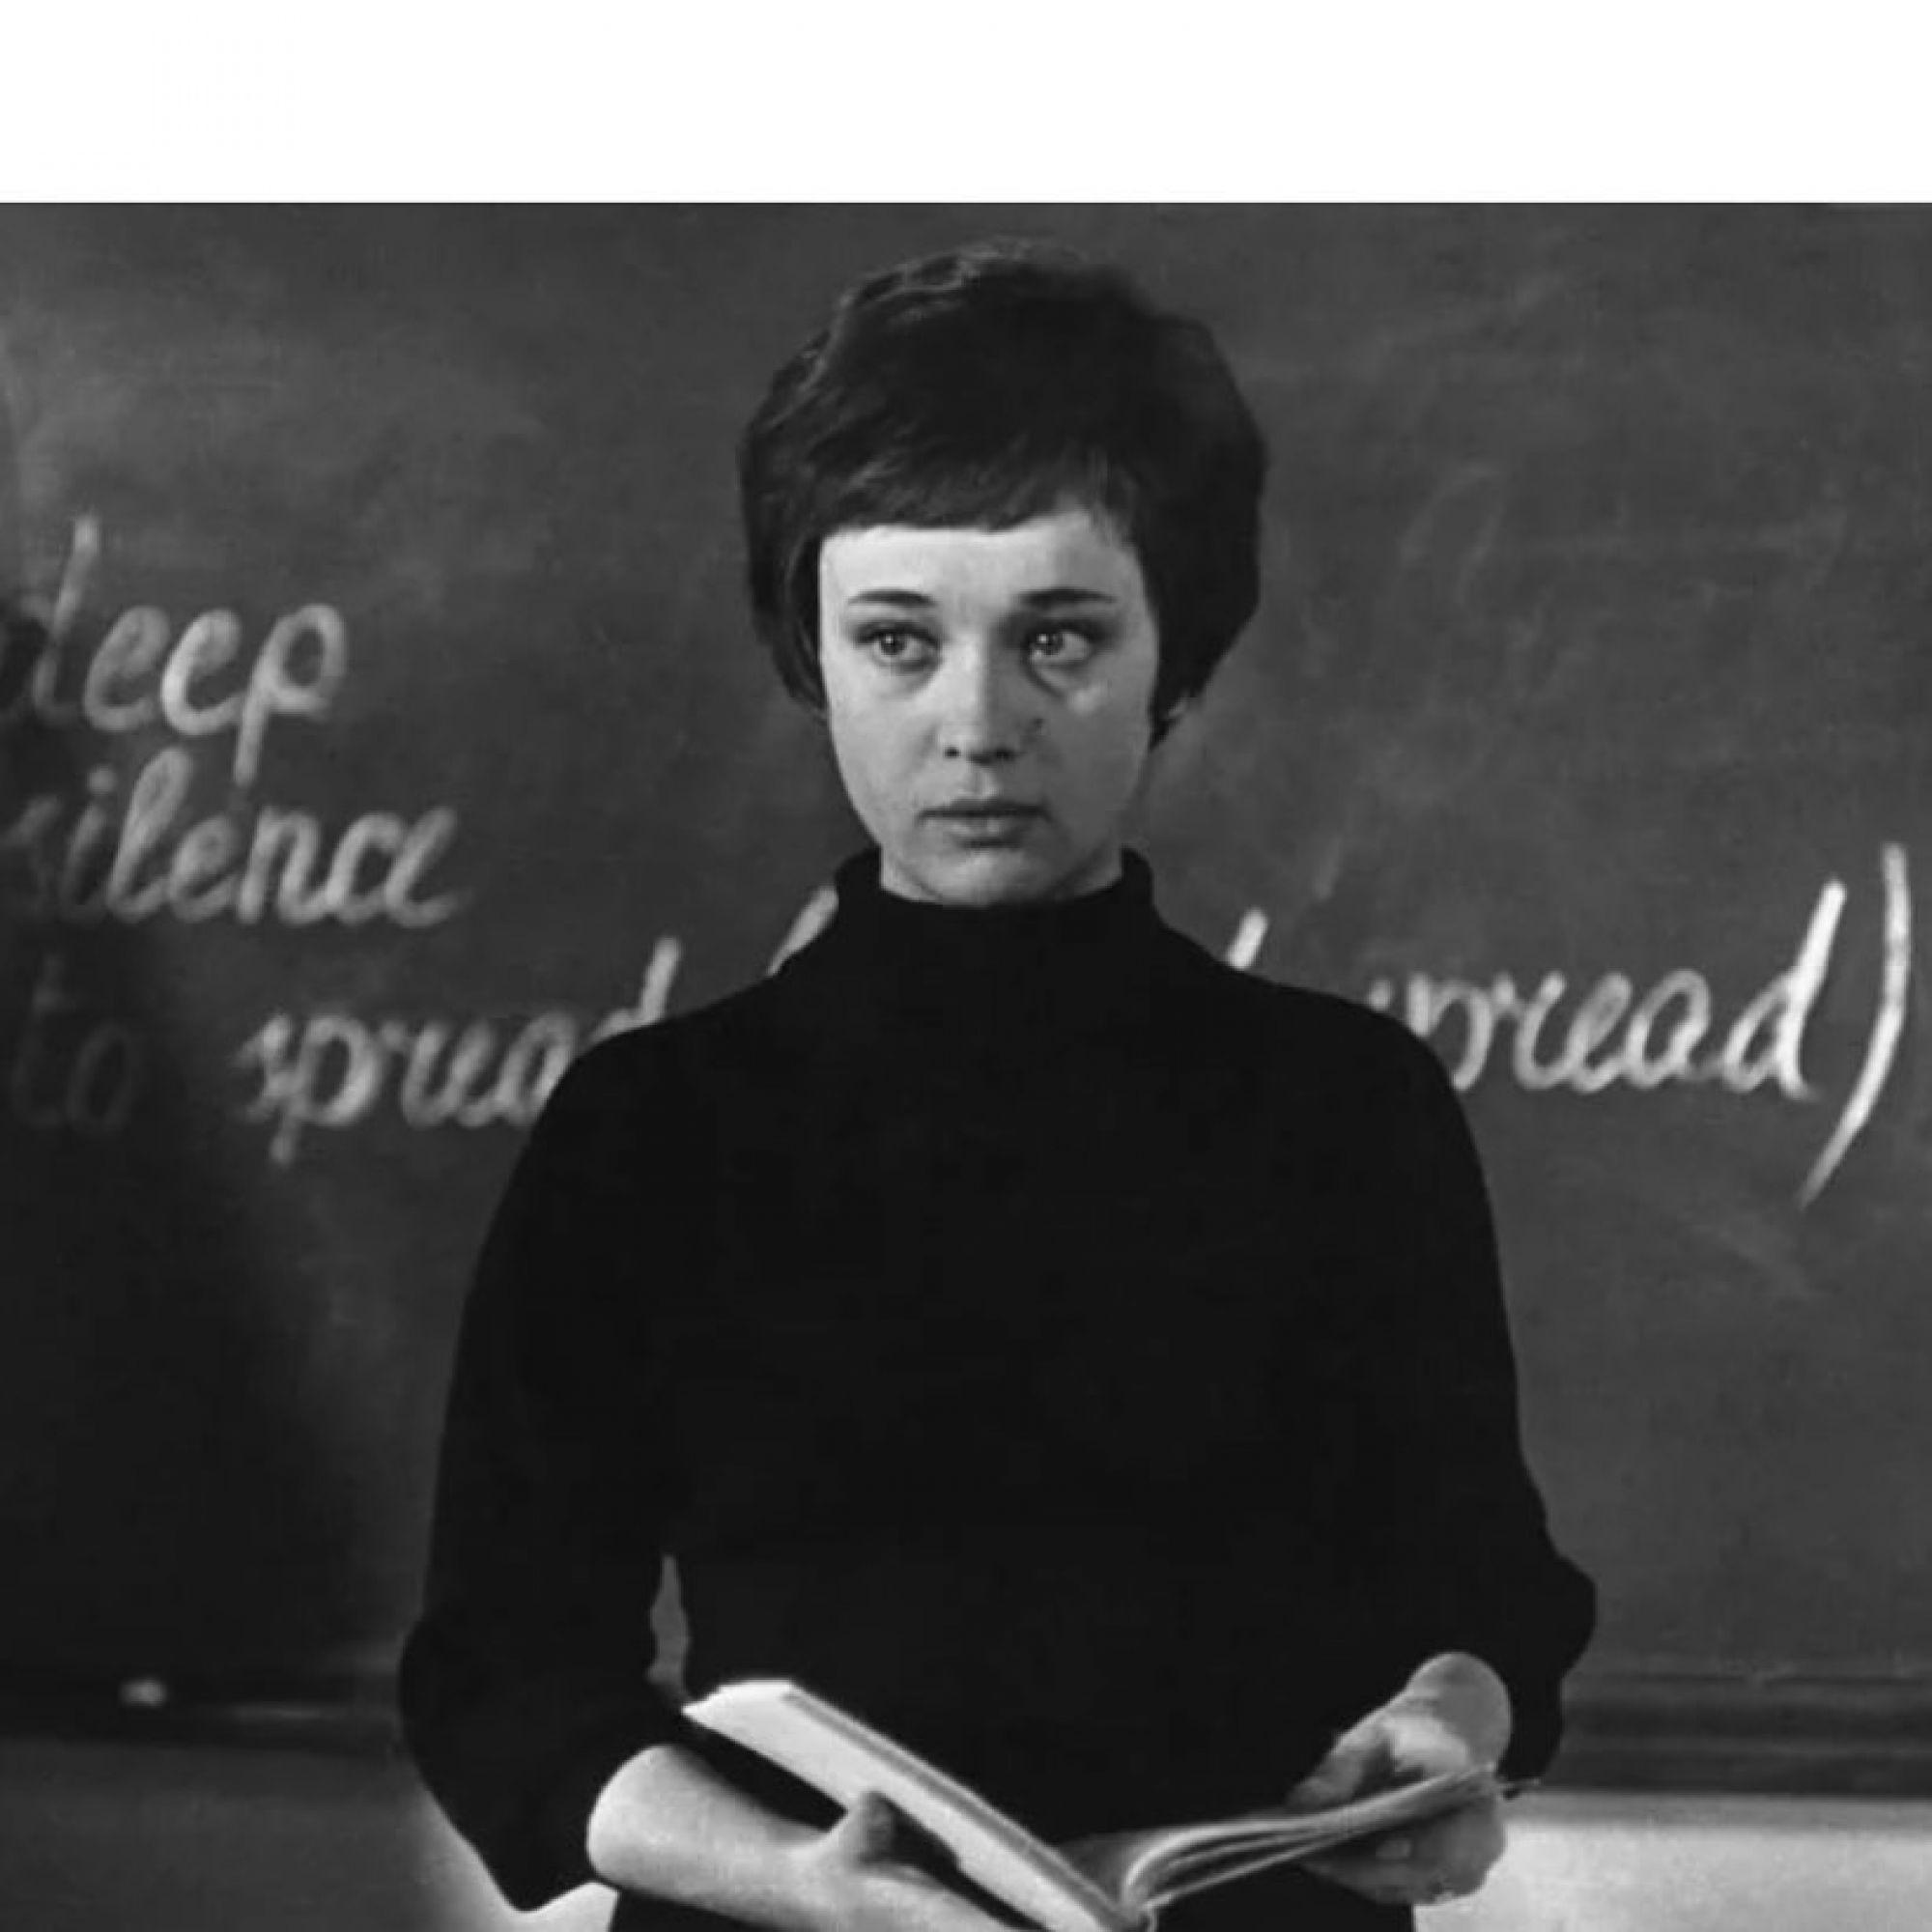 Умерла известная актриса Ирина Печерникова